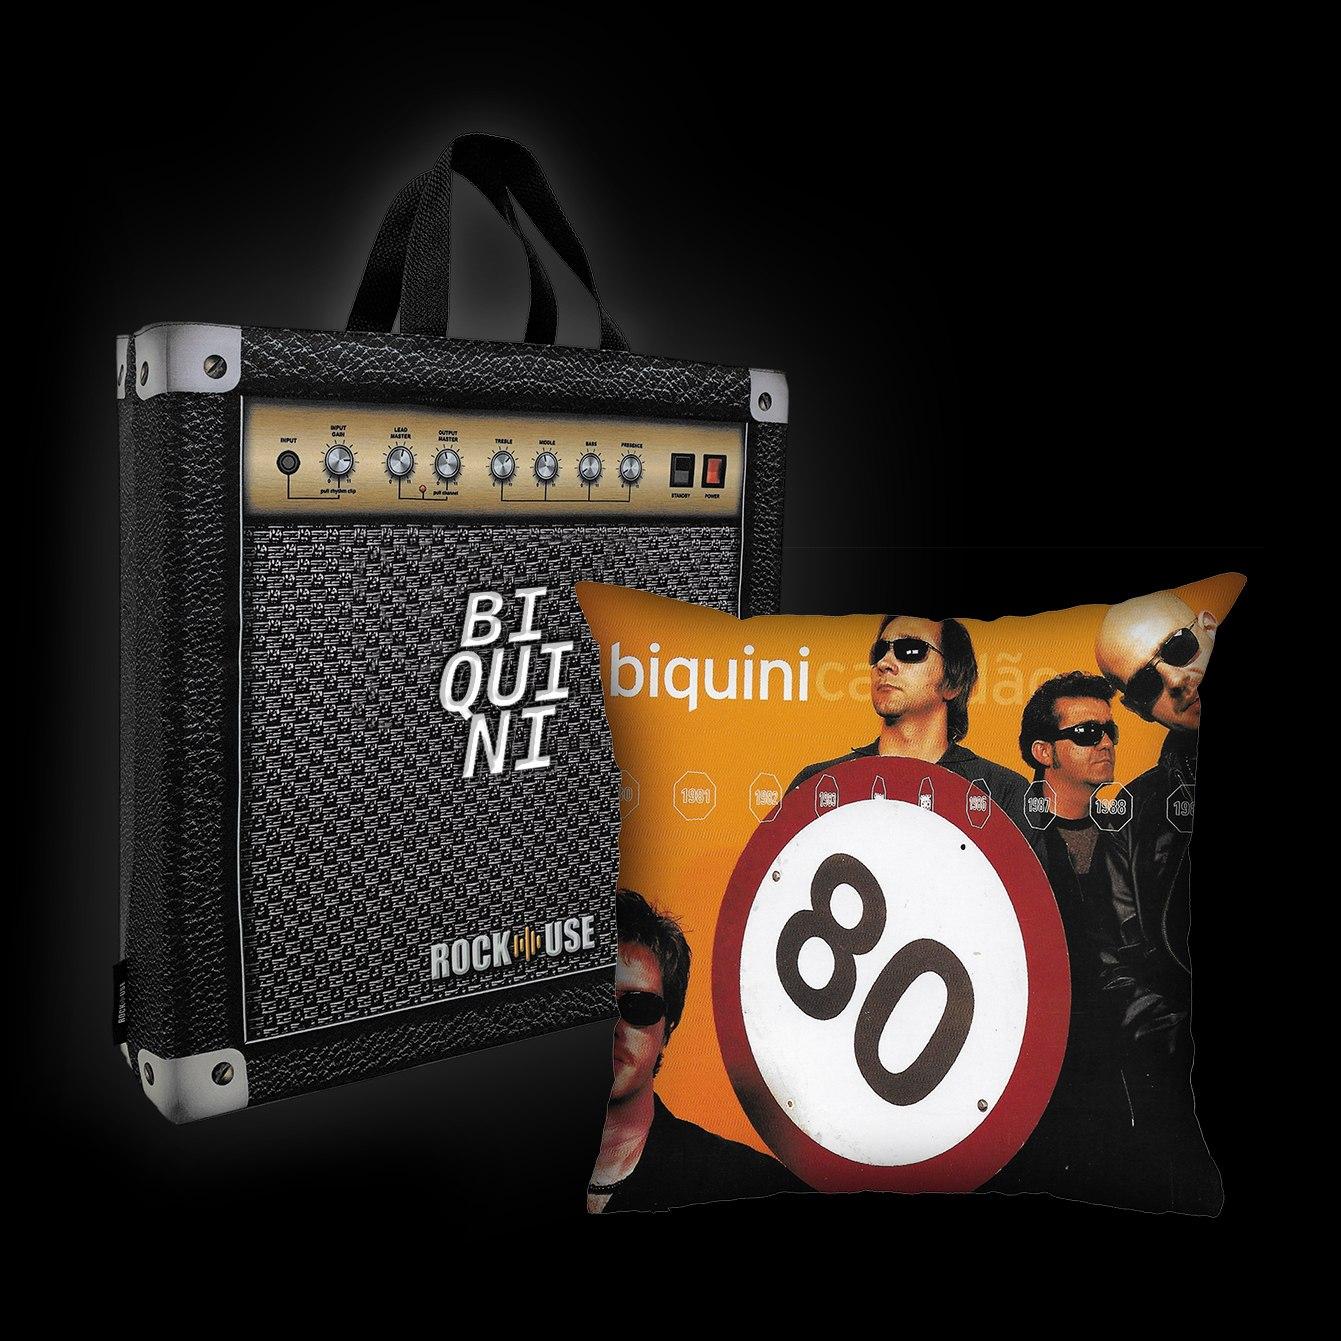 Biquini - 80